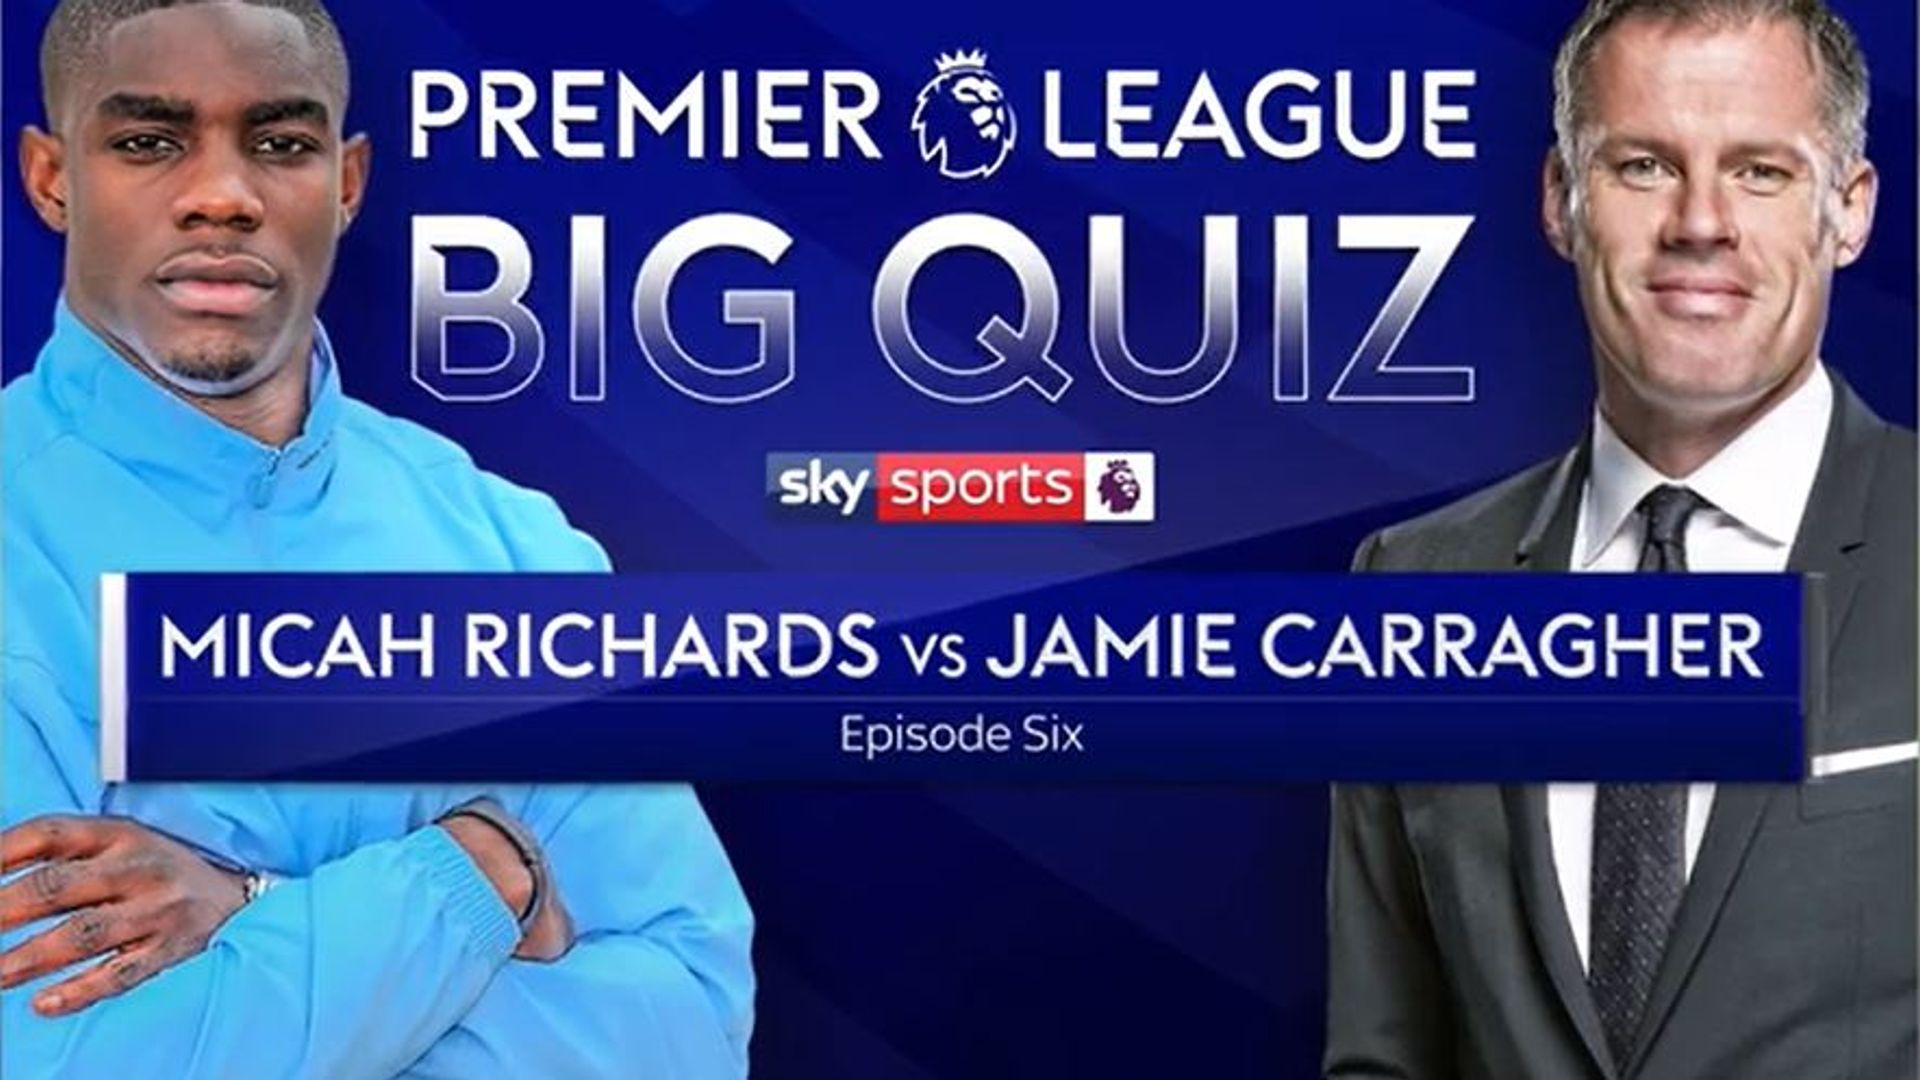 The PL Big Quiz: Richards vs Carragher